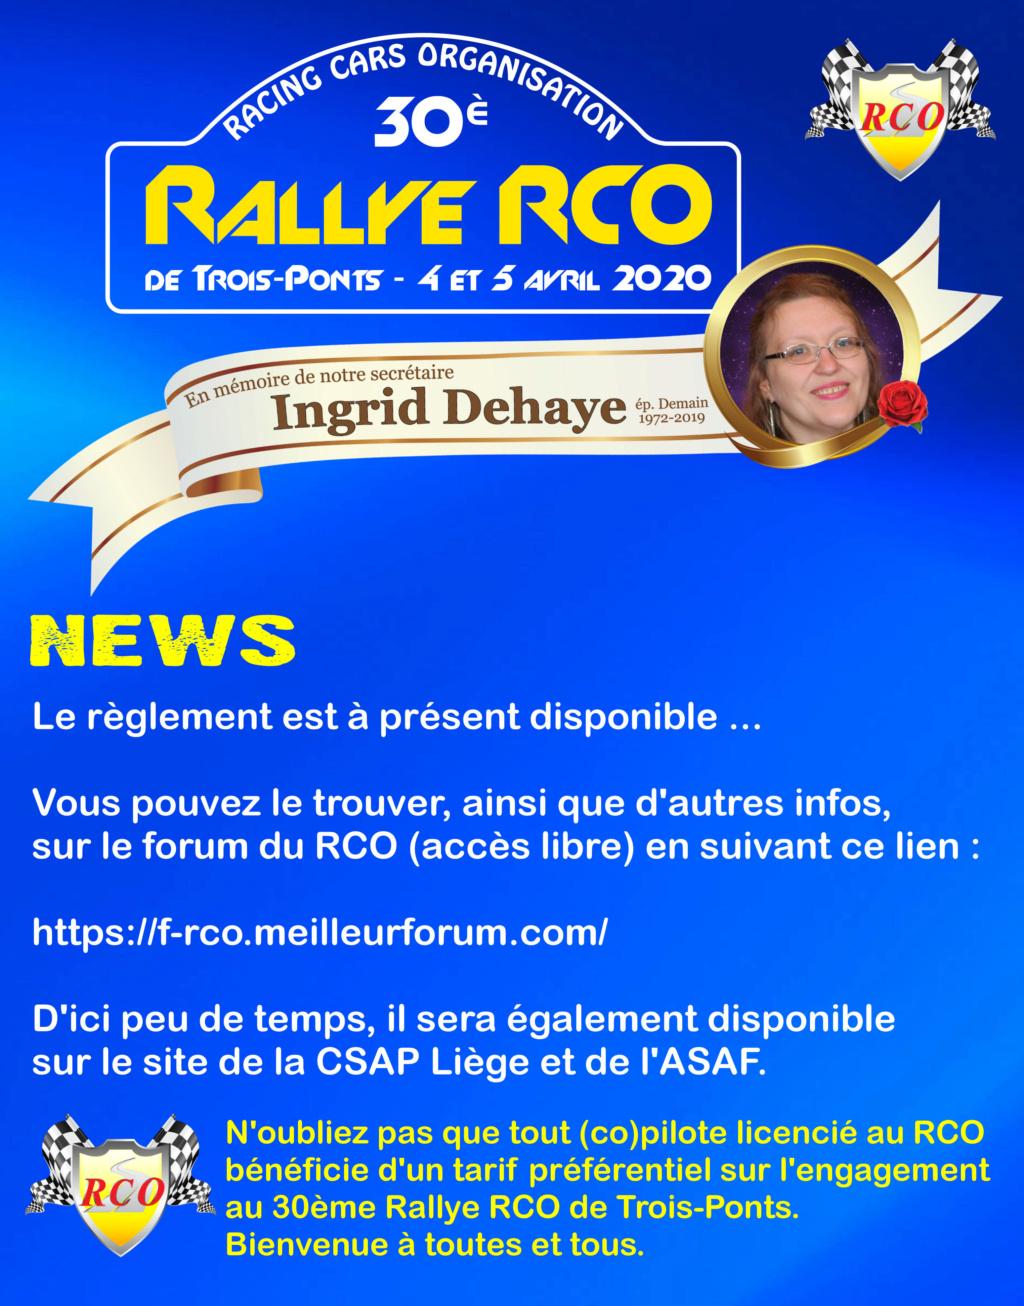 Toutes les infos concernant le 30ème Rallye RCO Promo_10